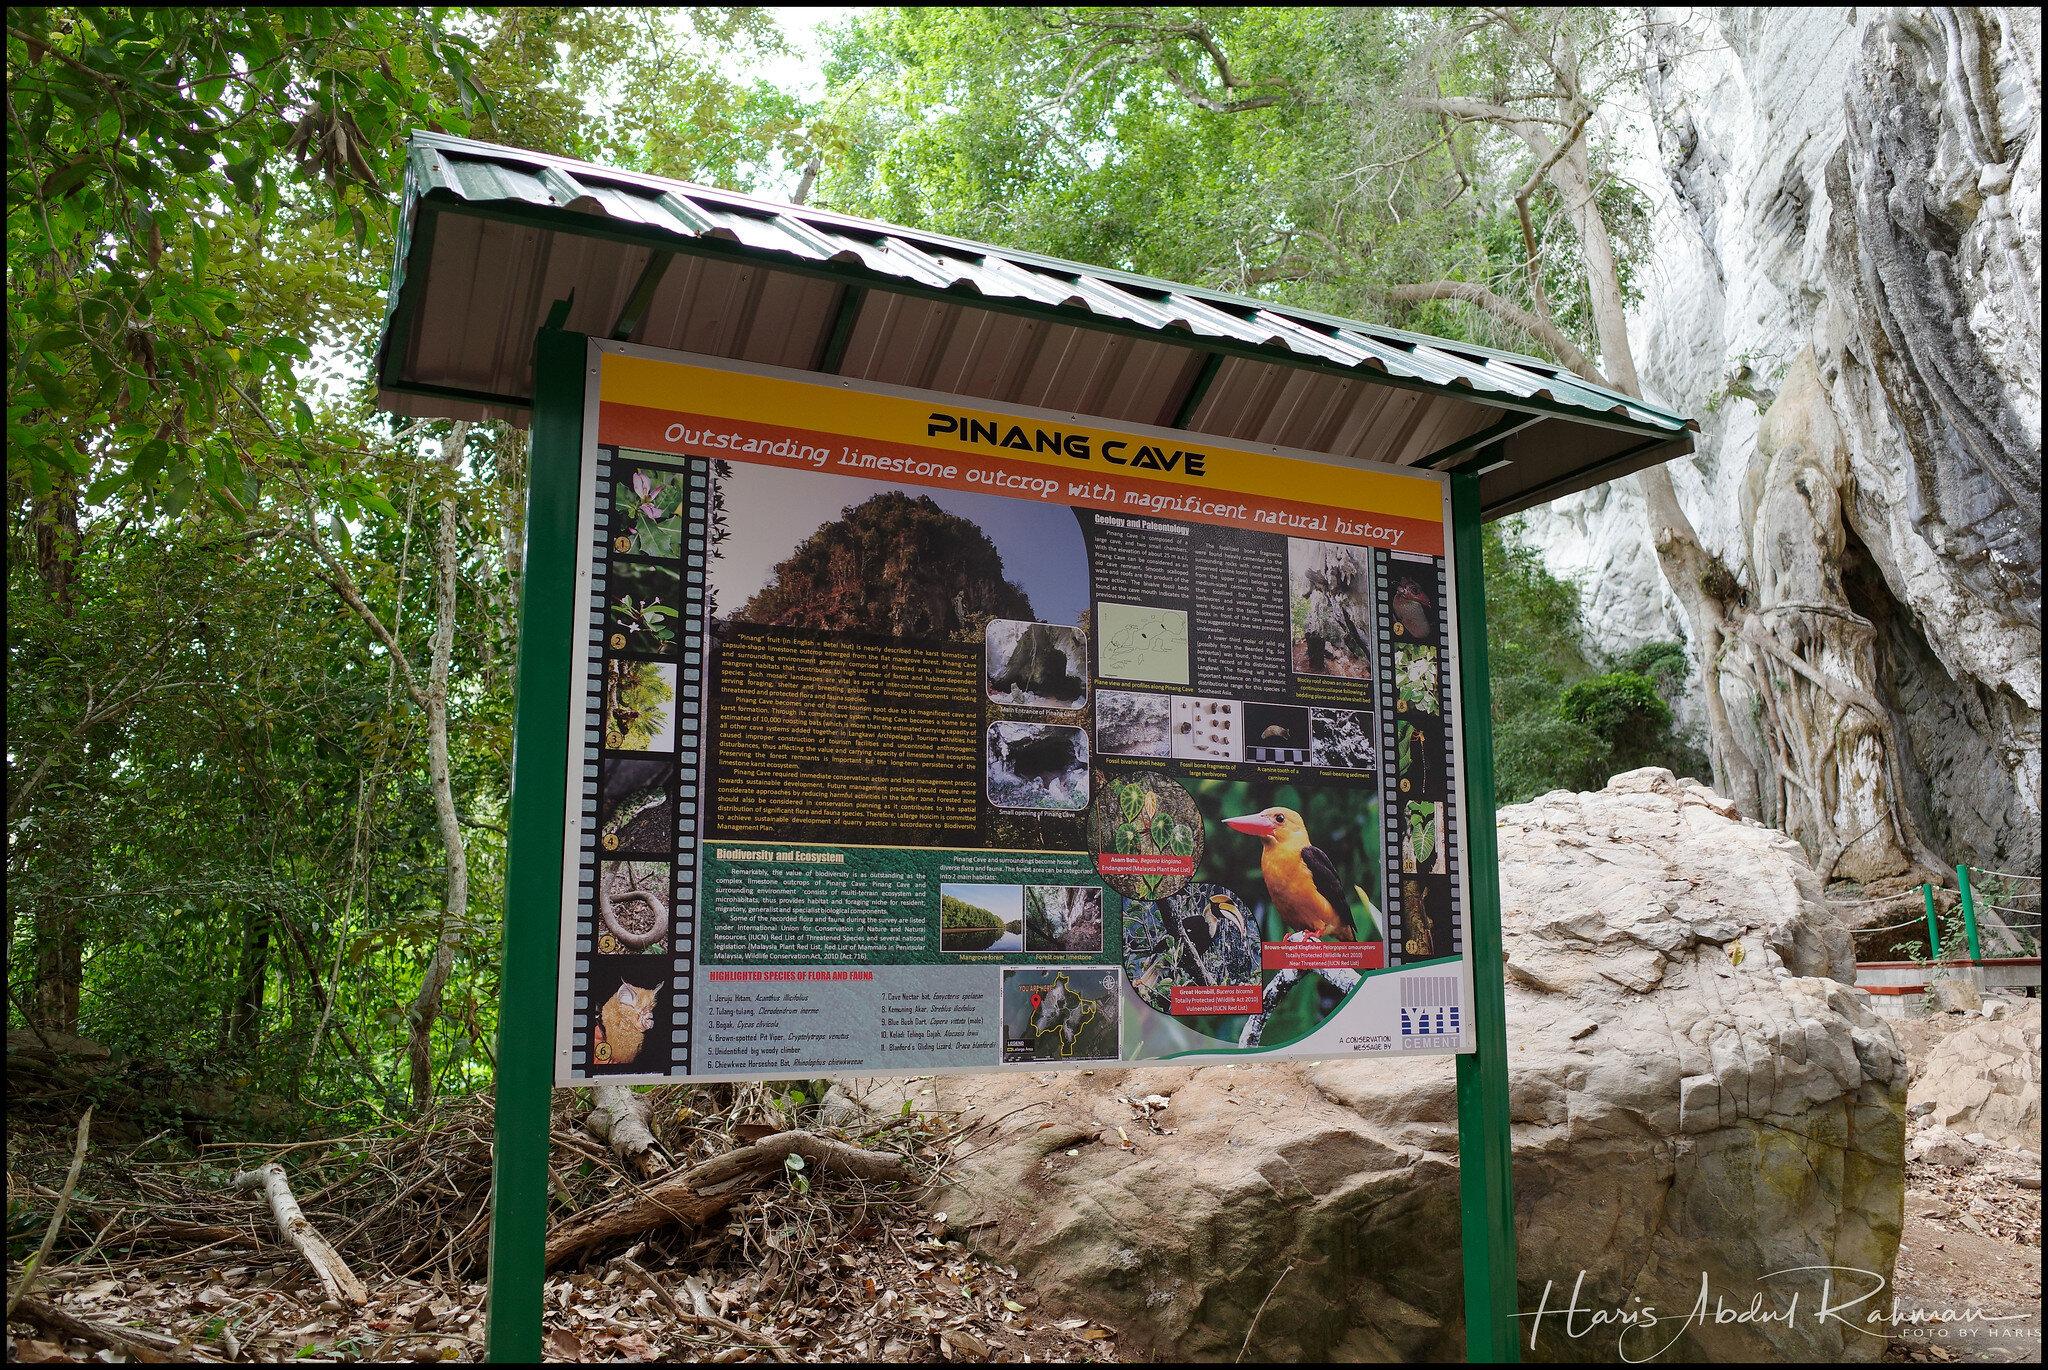 Entering Pinang Cave